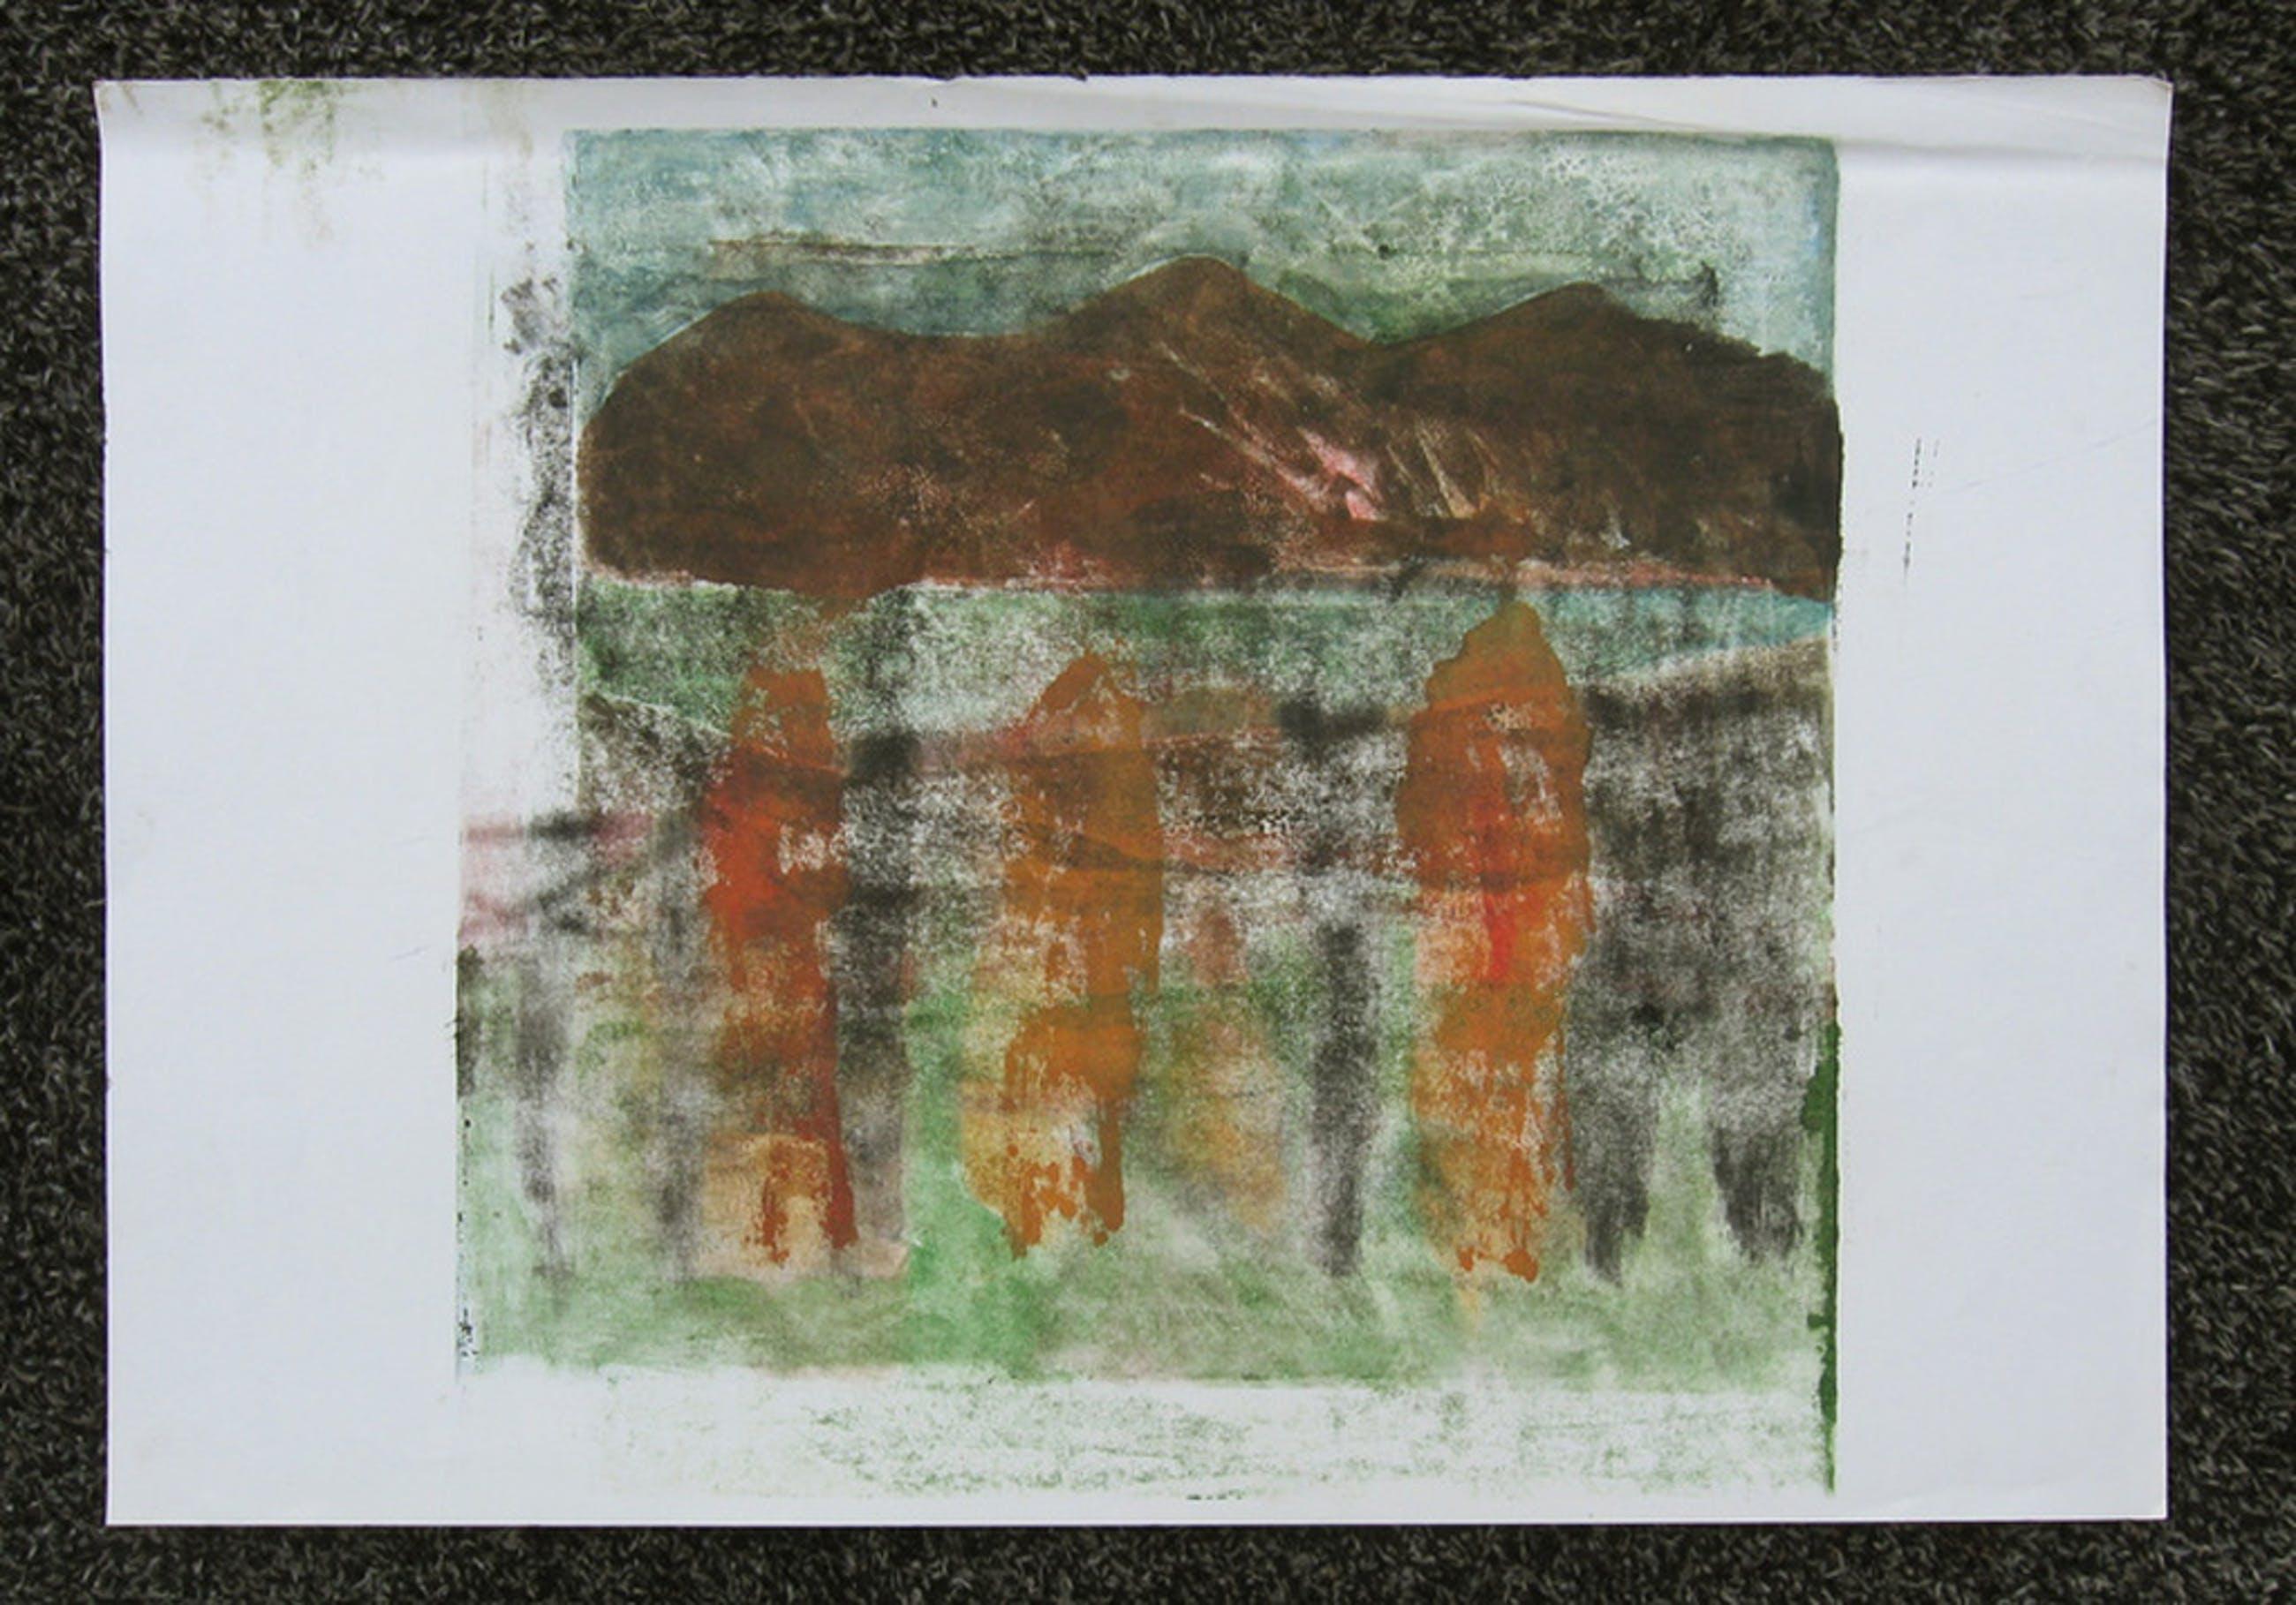 DRIE GEDAANTEN IN LANDSCHAP - monotype en olieverf op papier, Irene Joffroy kopen? Bied vanaf 64!